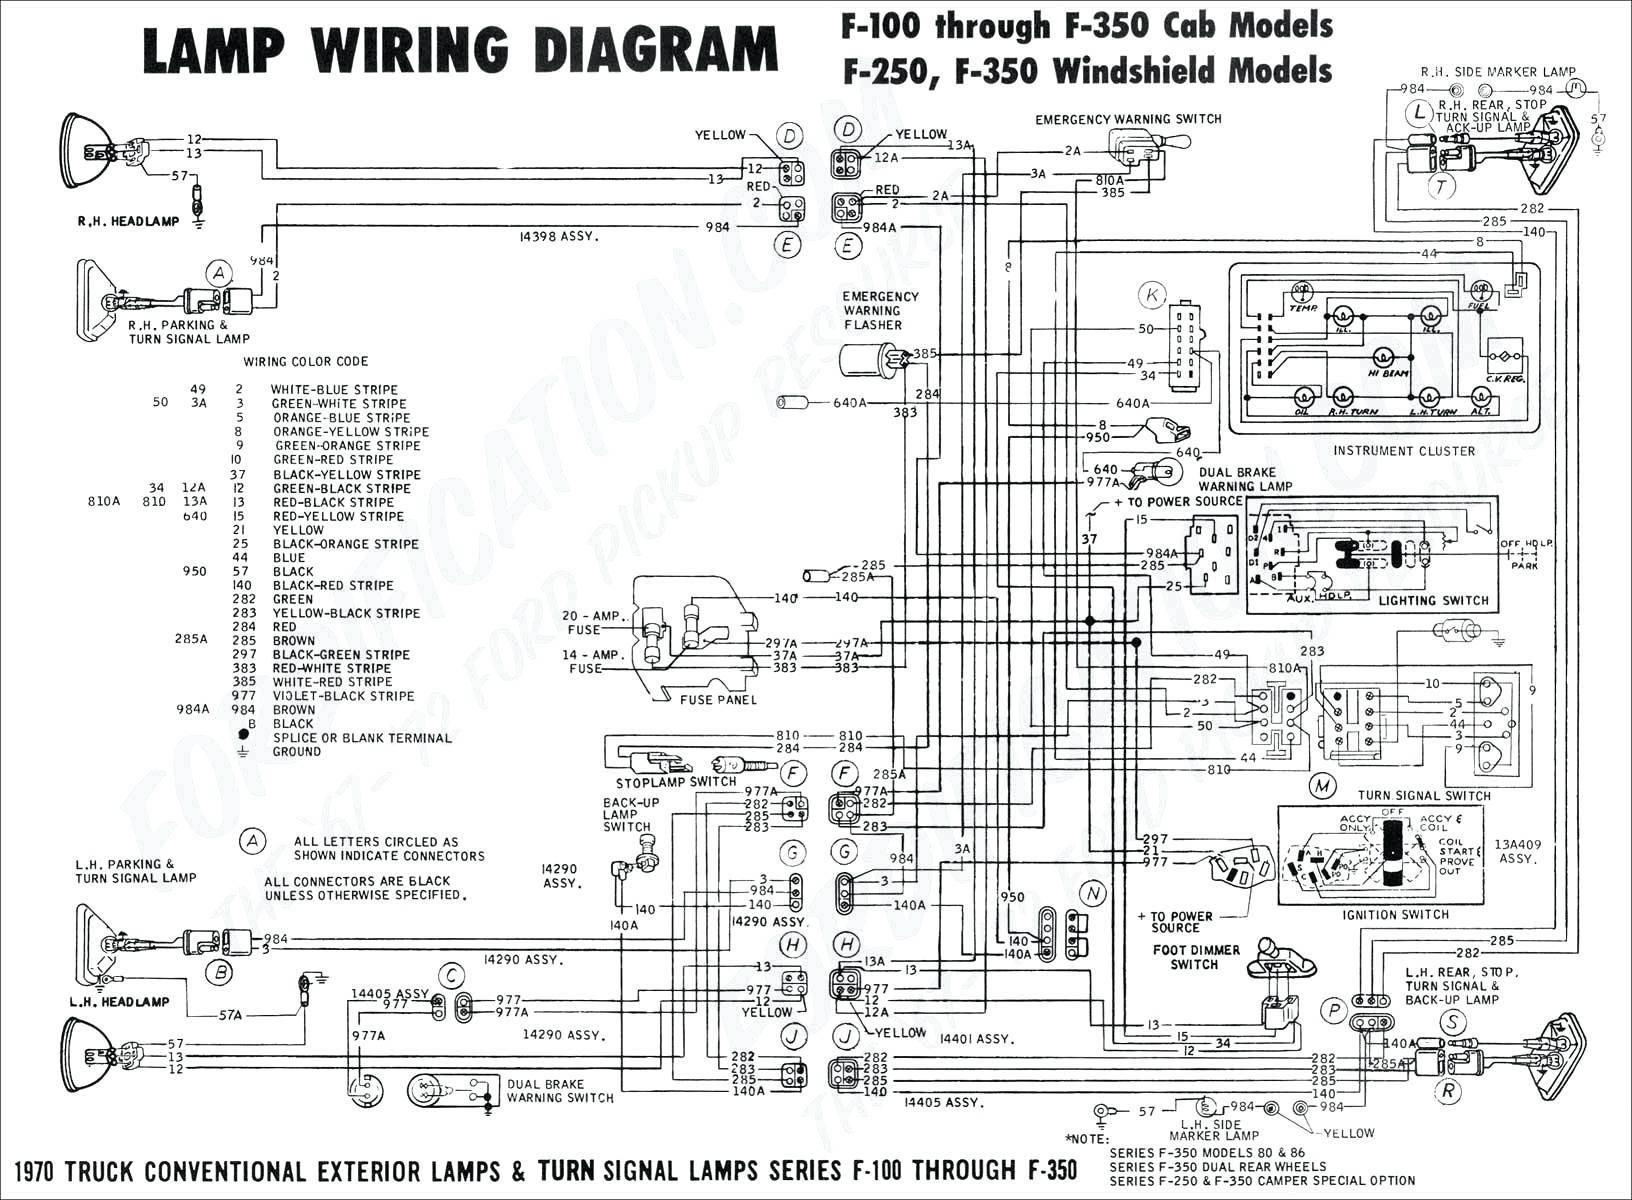 Ford Focus 2002 Engine Diagram 07 F250 Wiring Diagram Another Blog About Wiring Diagram • Of Ford Focus 2002 Engine Diagram